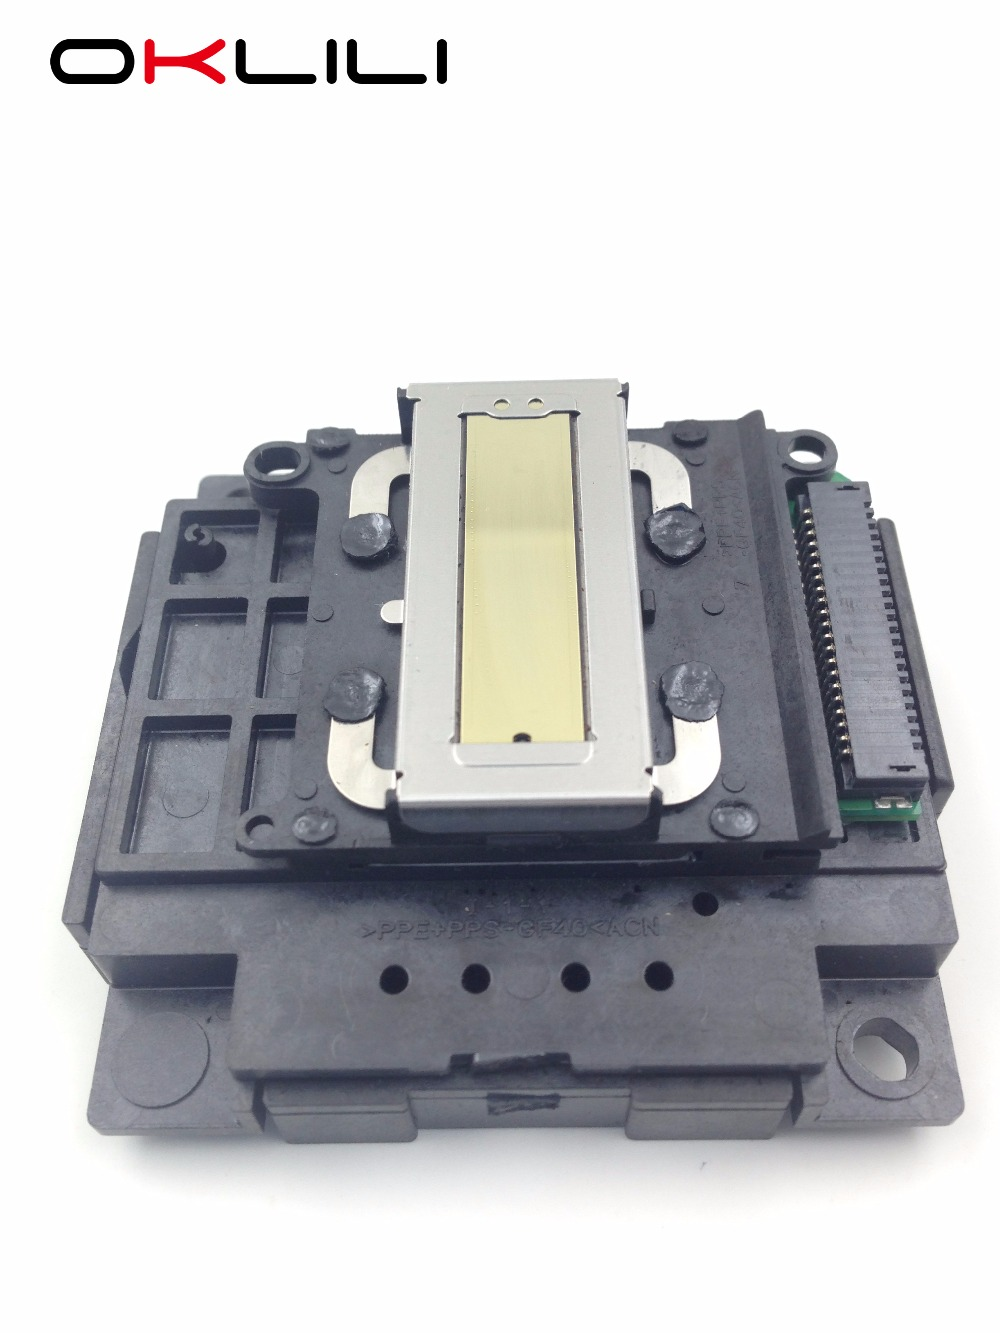 FA04000 FA04010 Głowica drukująca głowicy drukarki do Epson WF-2010 WF-2510 WF-2520 WF-2530 WF-2540 ME401 ME303 WF2010 WF2510